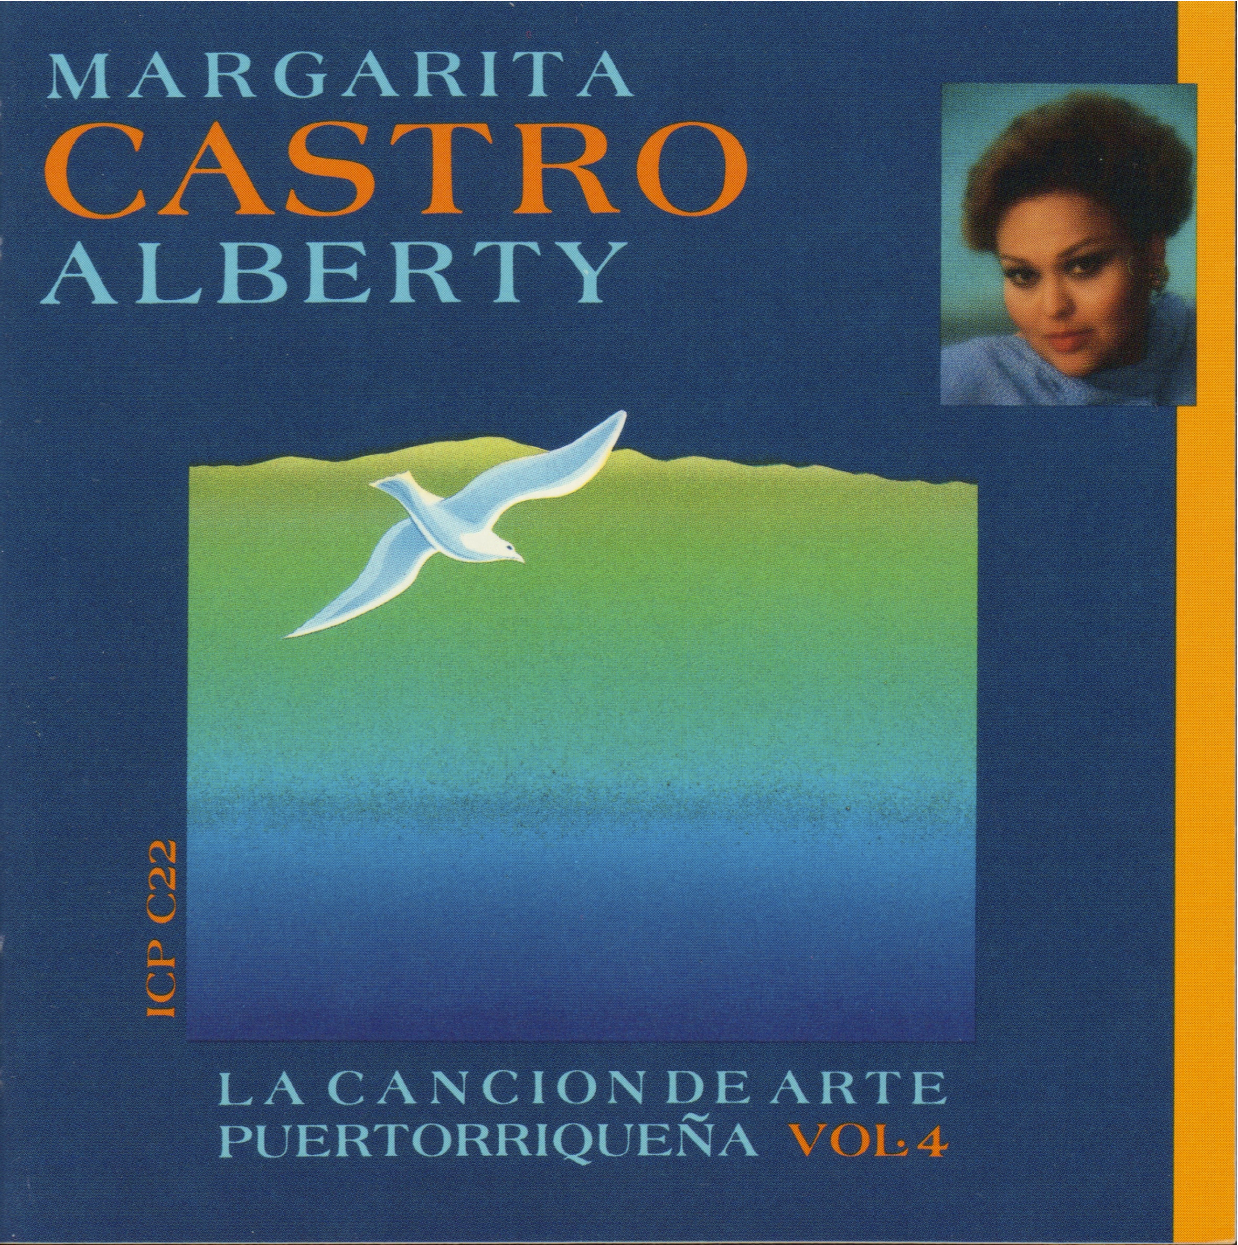 La Canción de Arte Puertorriqueña Vol. 4 - Interpreta Margarita Castro Alberty